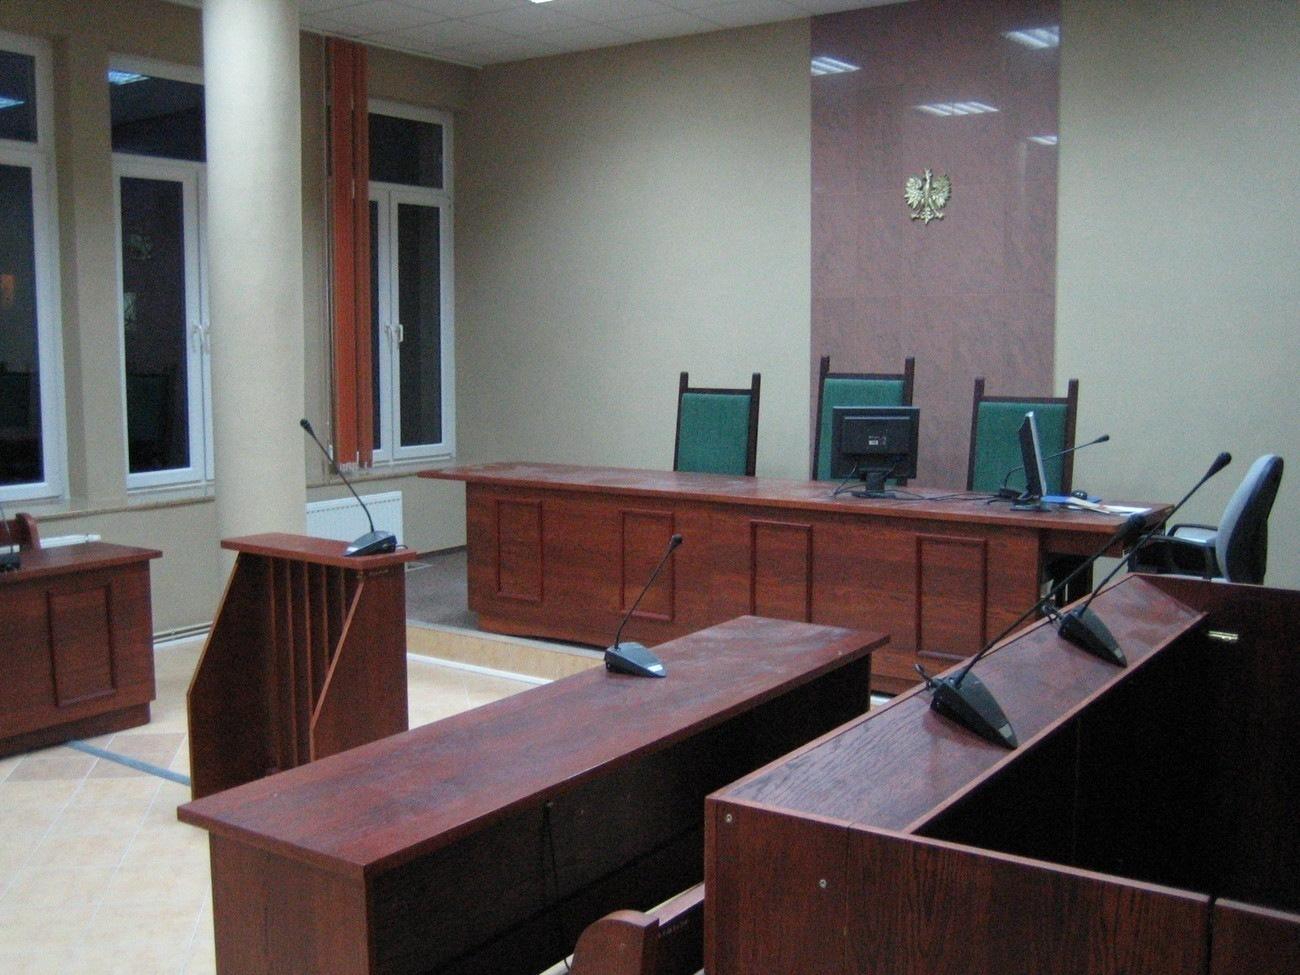 Ciekawostki z Sali Sądowej (Rozwód) - Białystok Adwokat Sylwia Tokarzewska-Cybulko